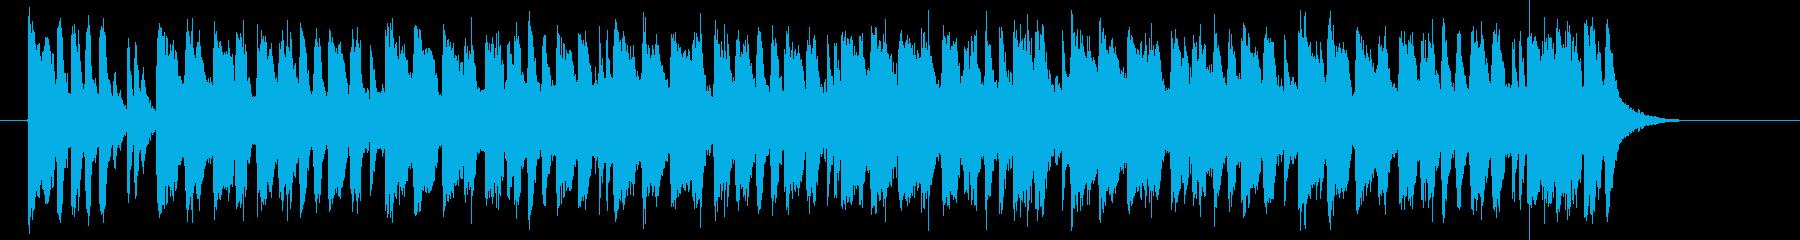 激しさ動きのあるアップテンポな曲の再生済みの波形